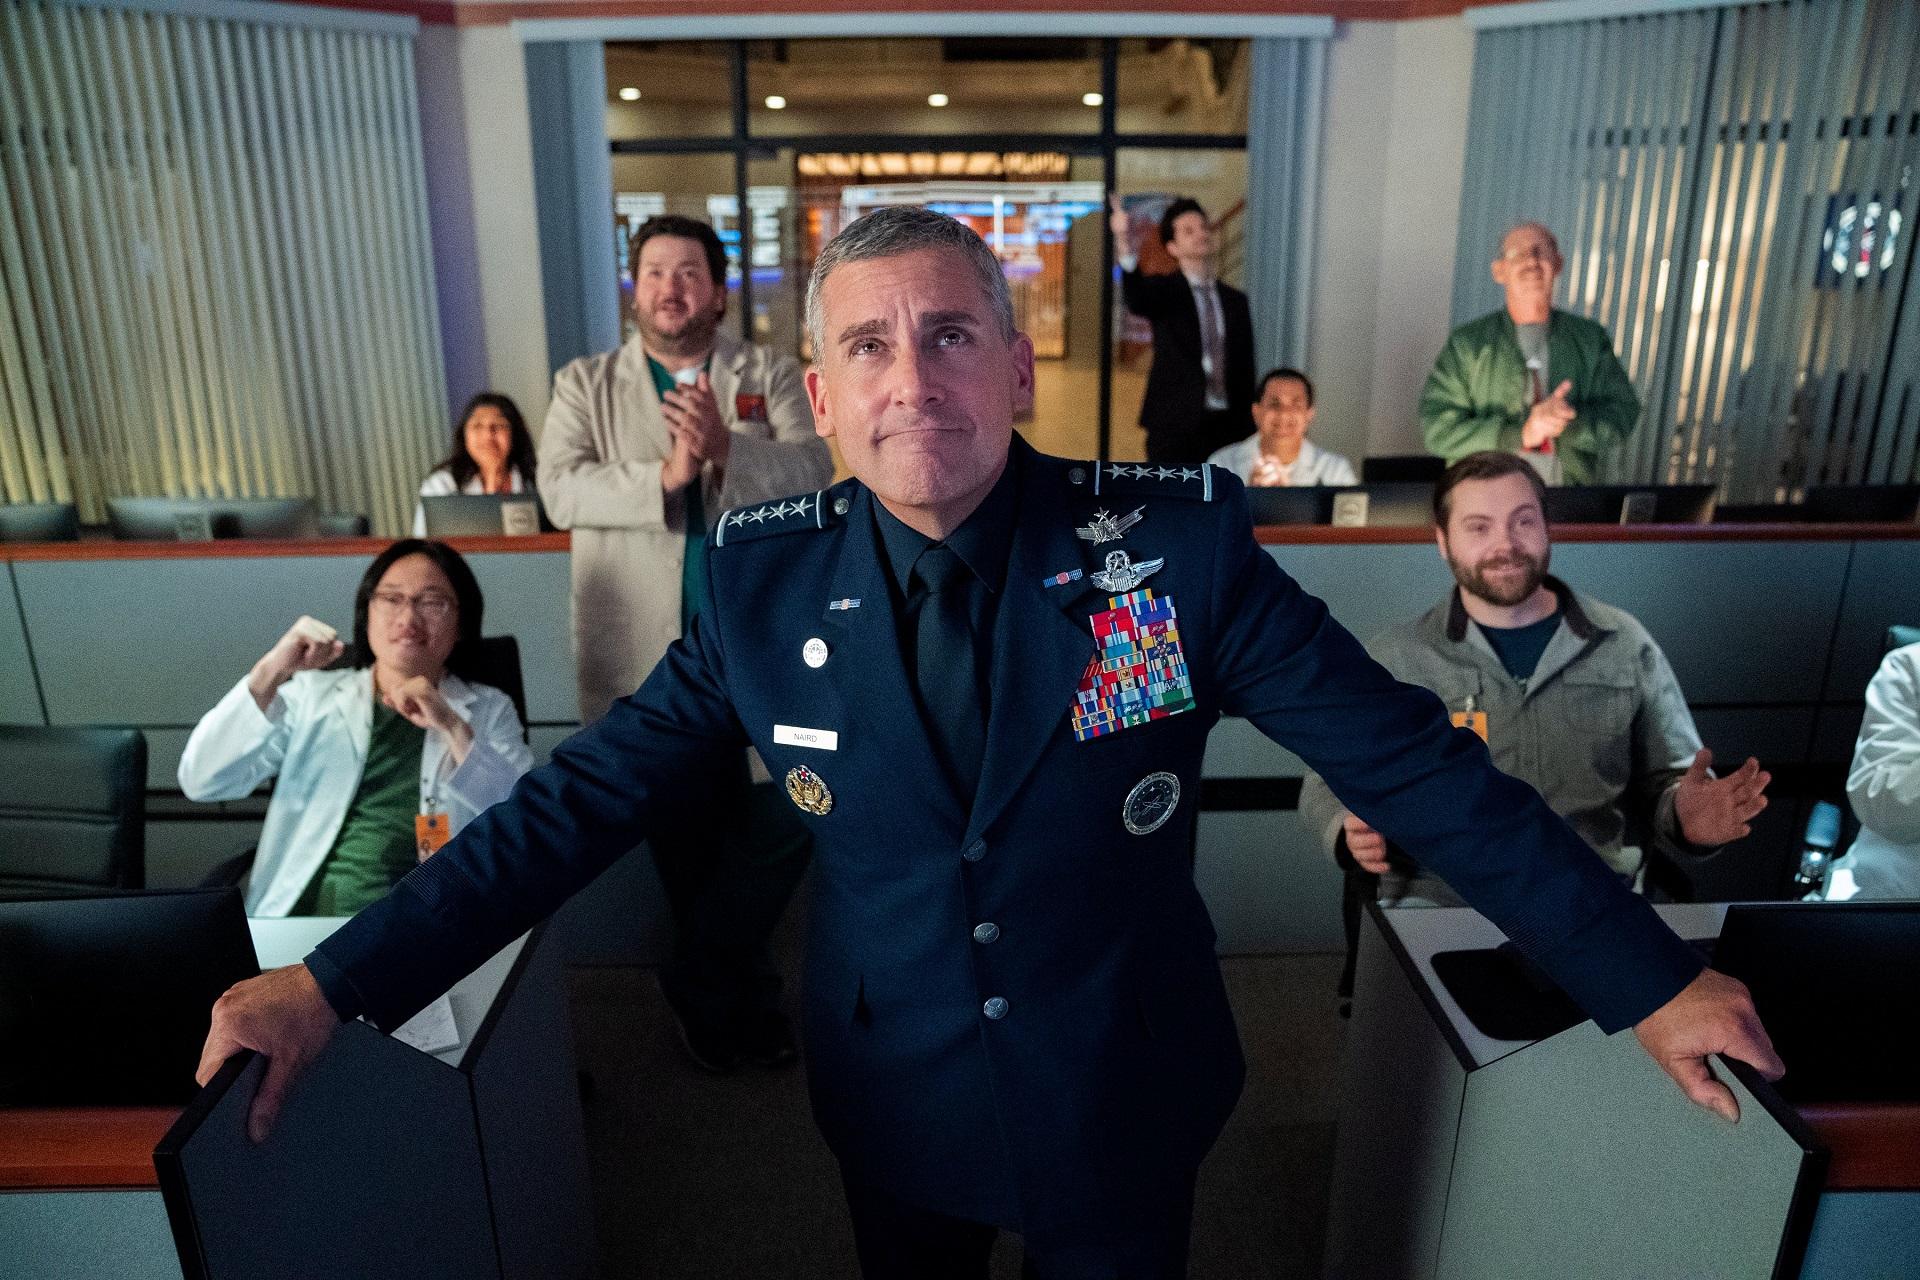 Space Force har premiär 29 maj på Netflix Ny komediserie från skaparen av amerikanska The Office